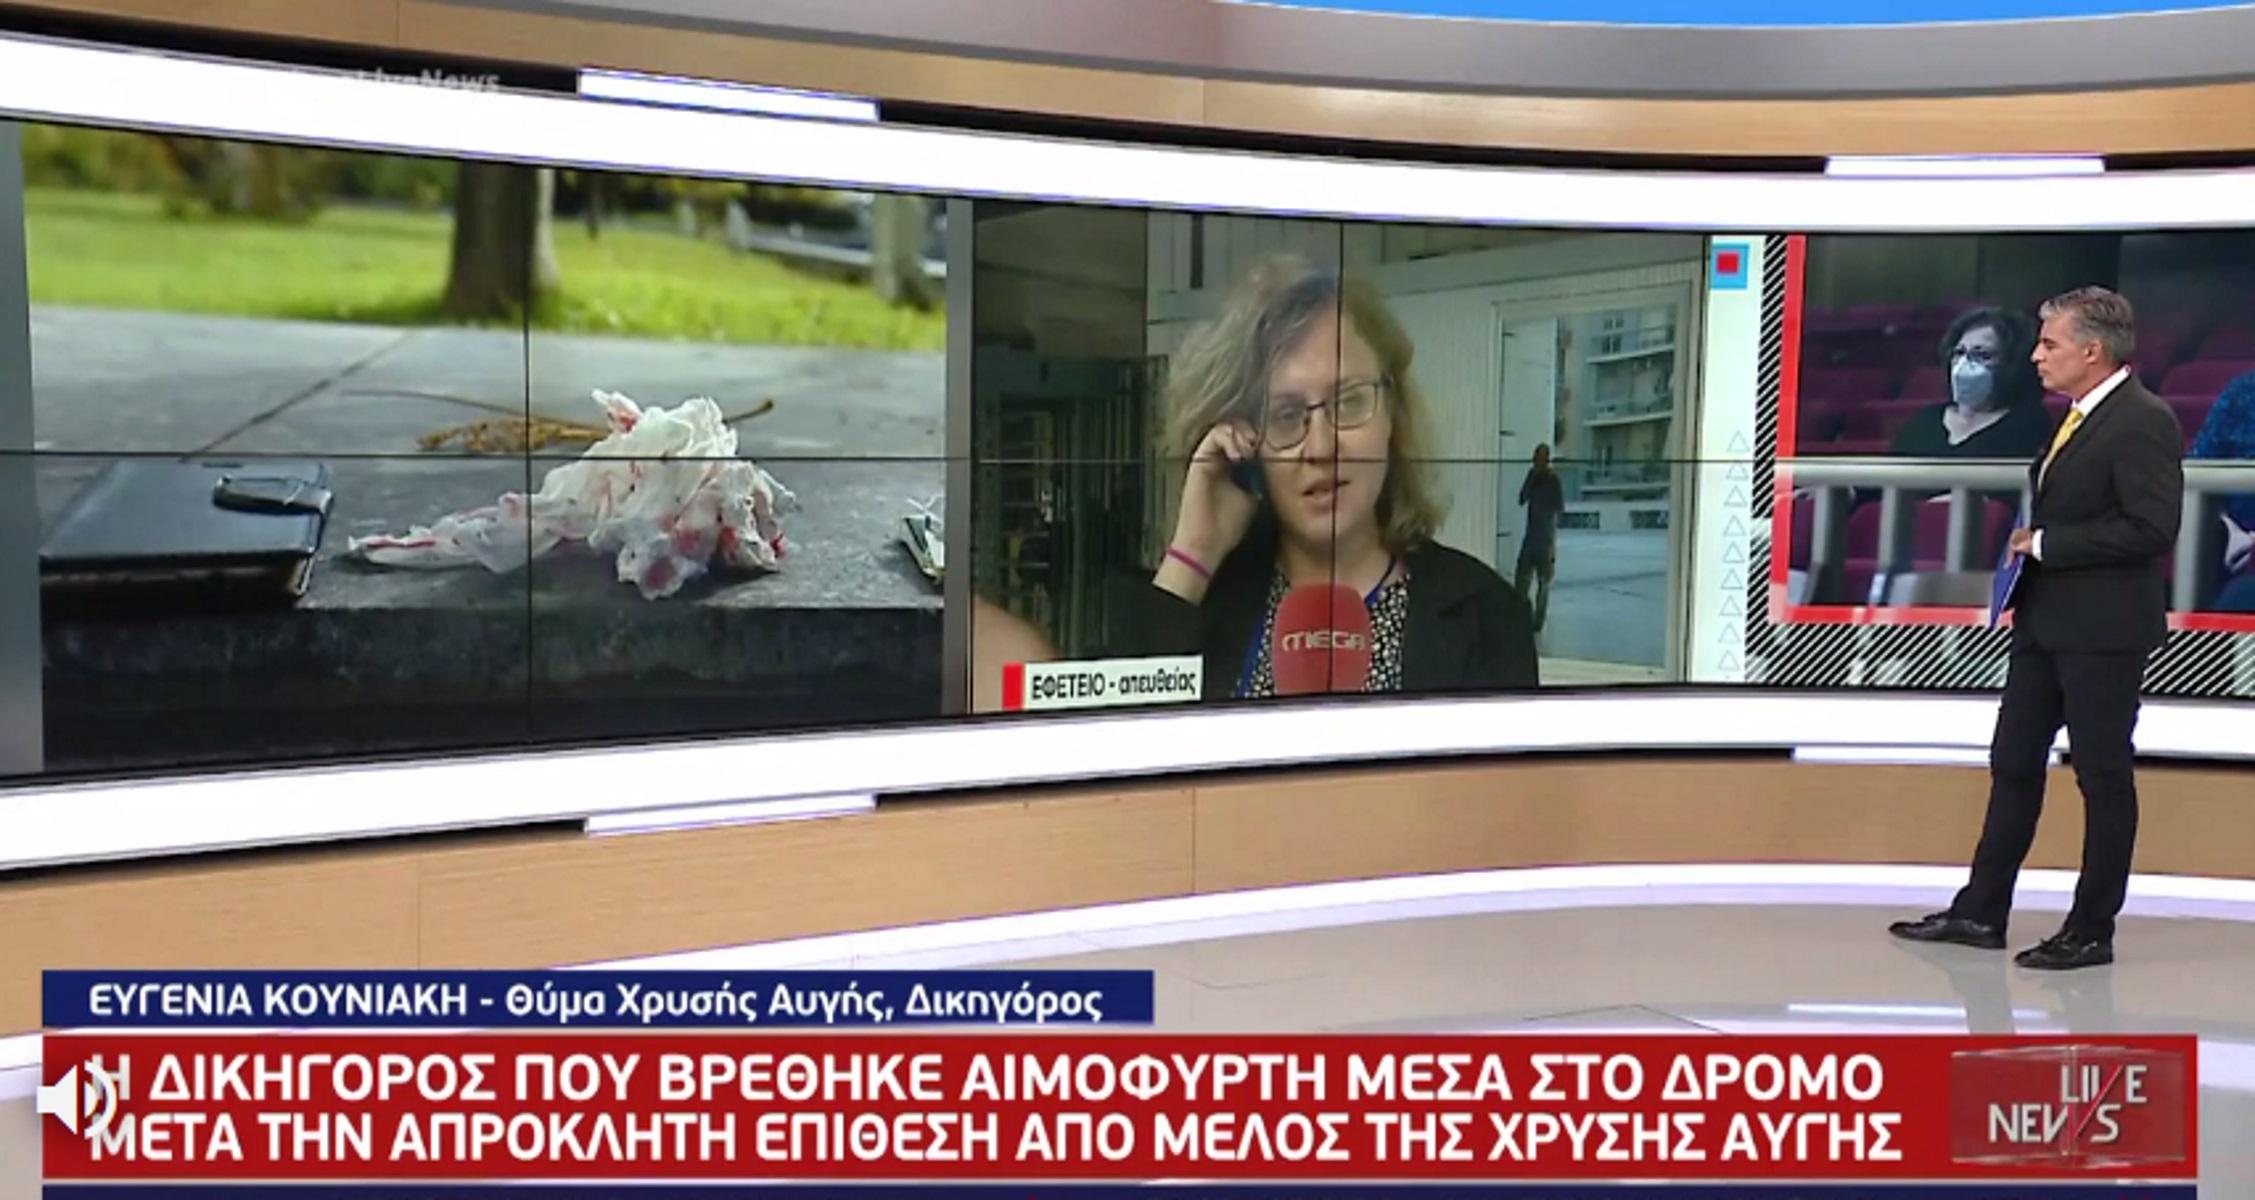 """Συγκλονίζουν στο """"Live News"""" θύματα επιθέσεων της Χρυσής Αυγής: Δρούσαν ανενόχλητοι (video)"""